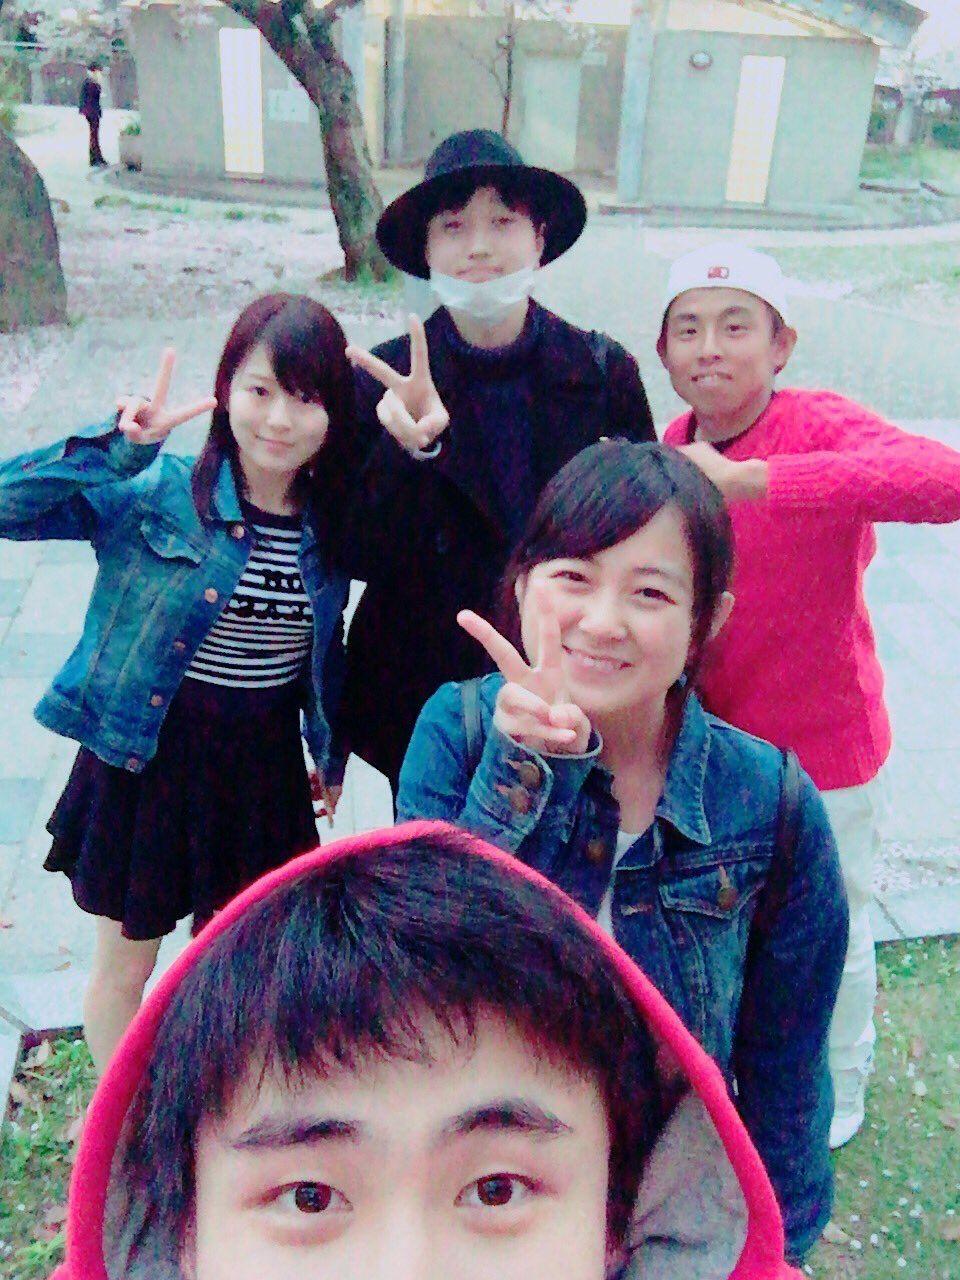 【悲報】HKT48月足天音の集団デート画像が流出